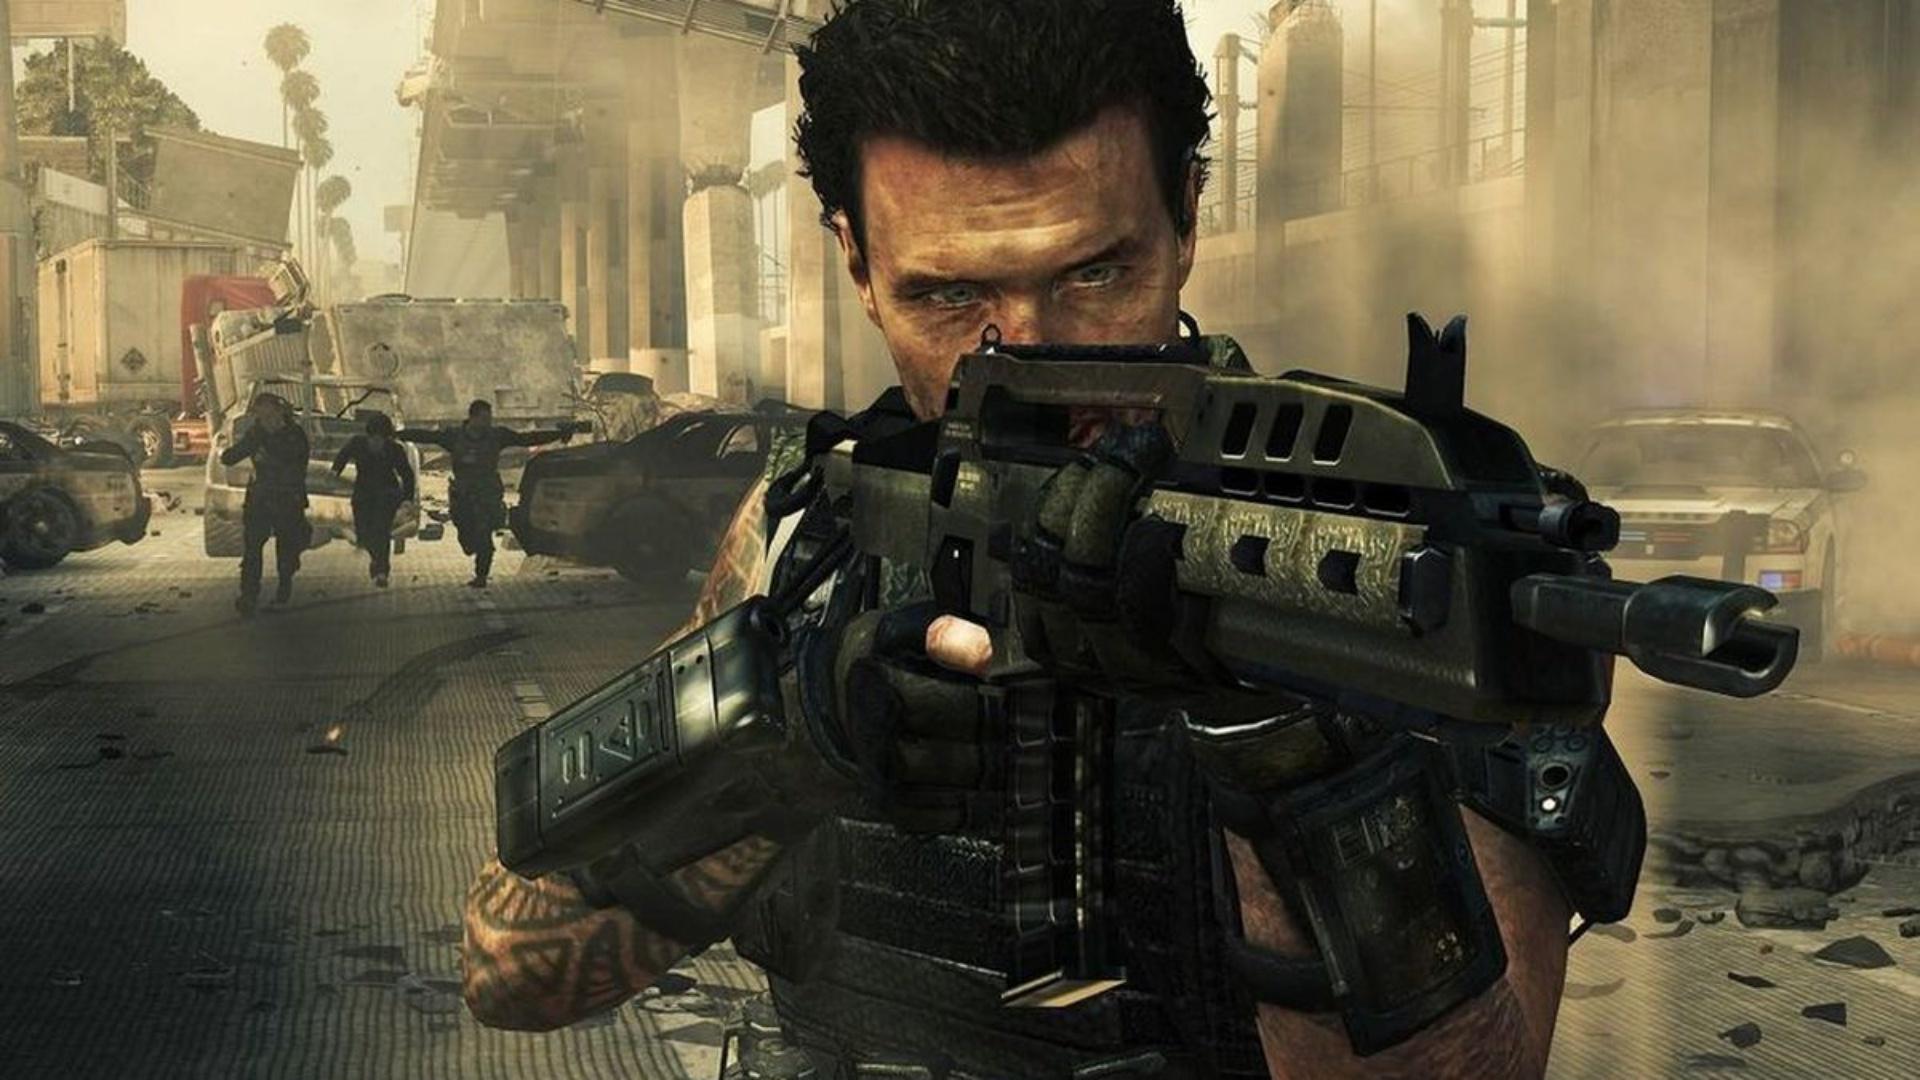 使命召唤9:黑色行动2 COD9 Call of Duty: Black Ops II【v23.0_43.1734_41.627|支持战役.BOT.僵尸】插图1